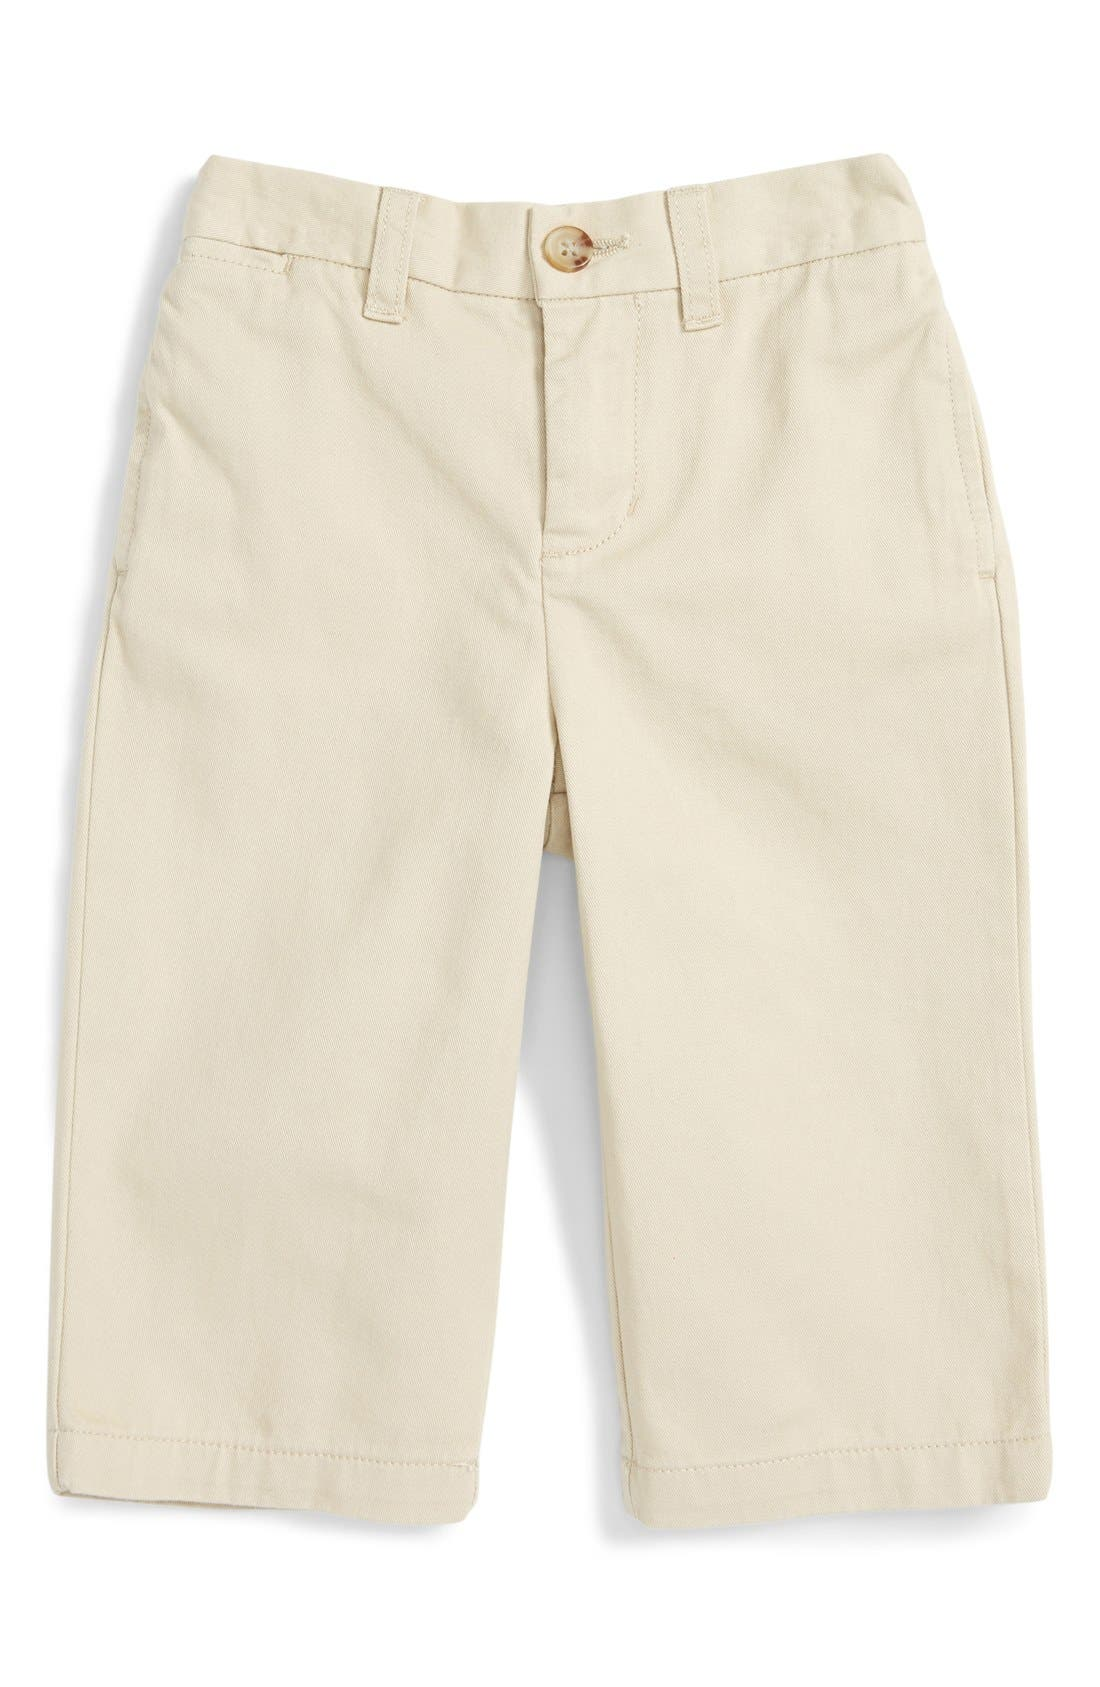 'Suffield' Chino Pants,                             Main thumbnail 1, color,                             Basic Sand